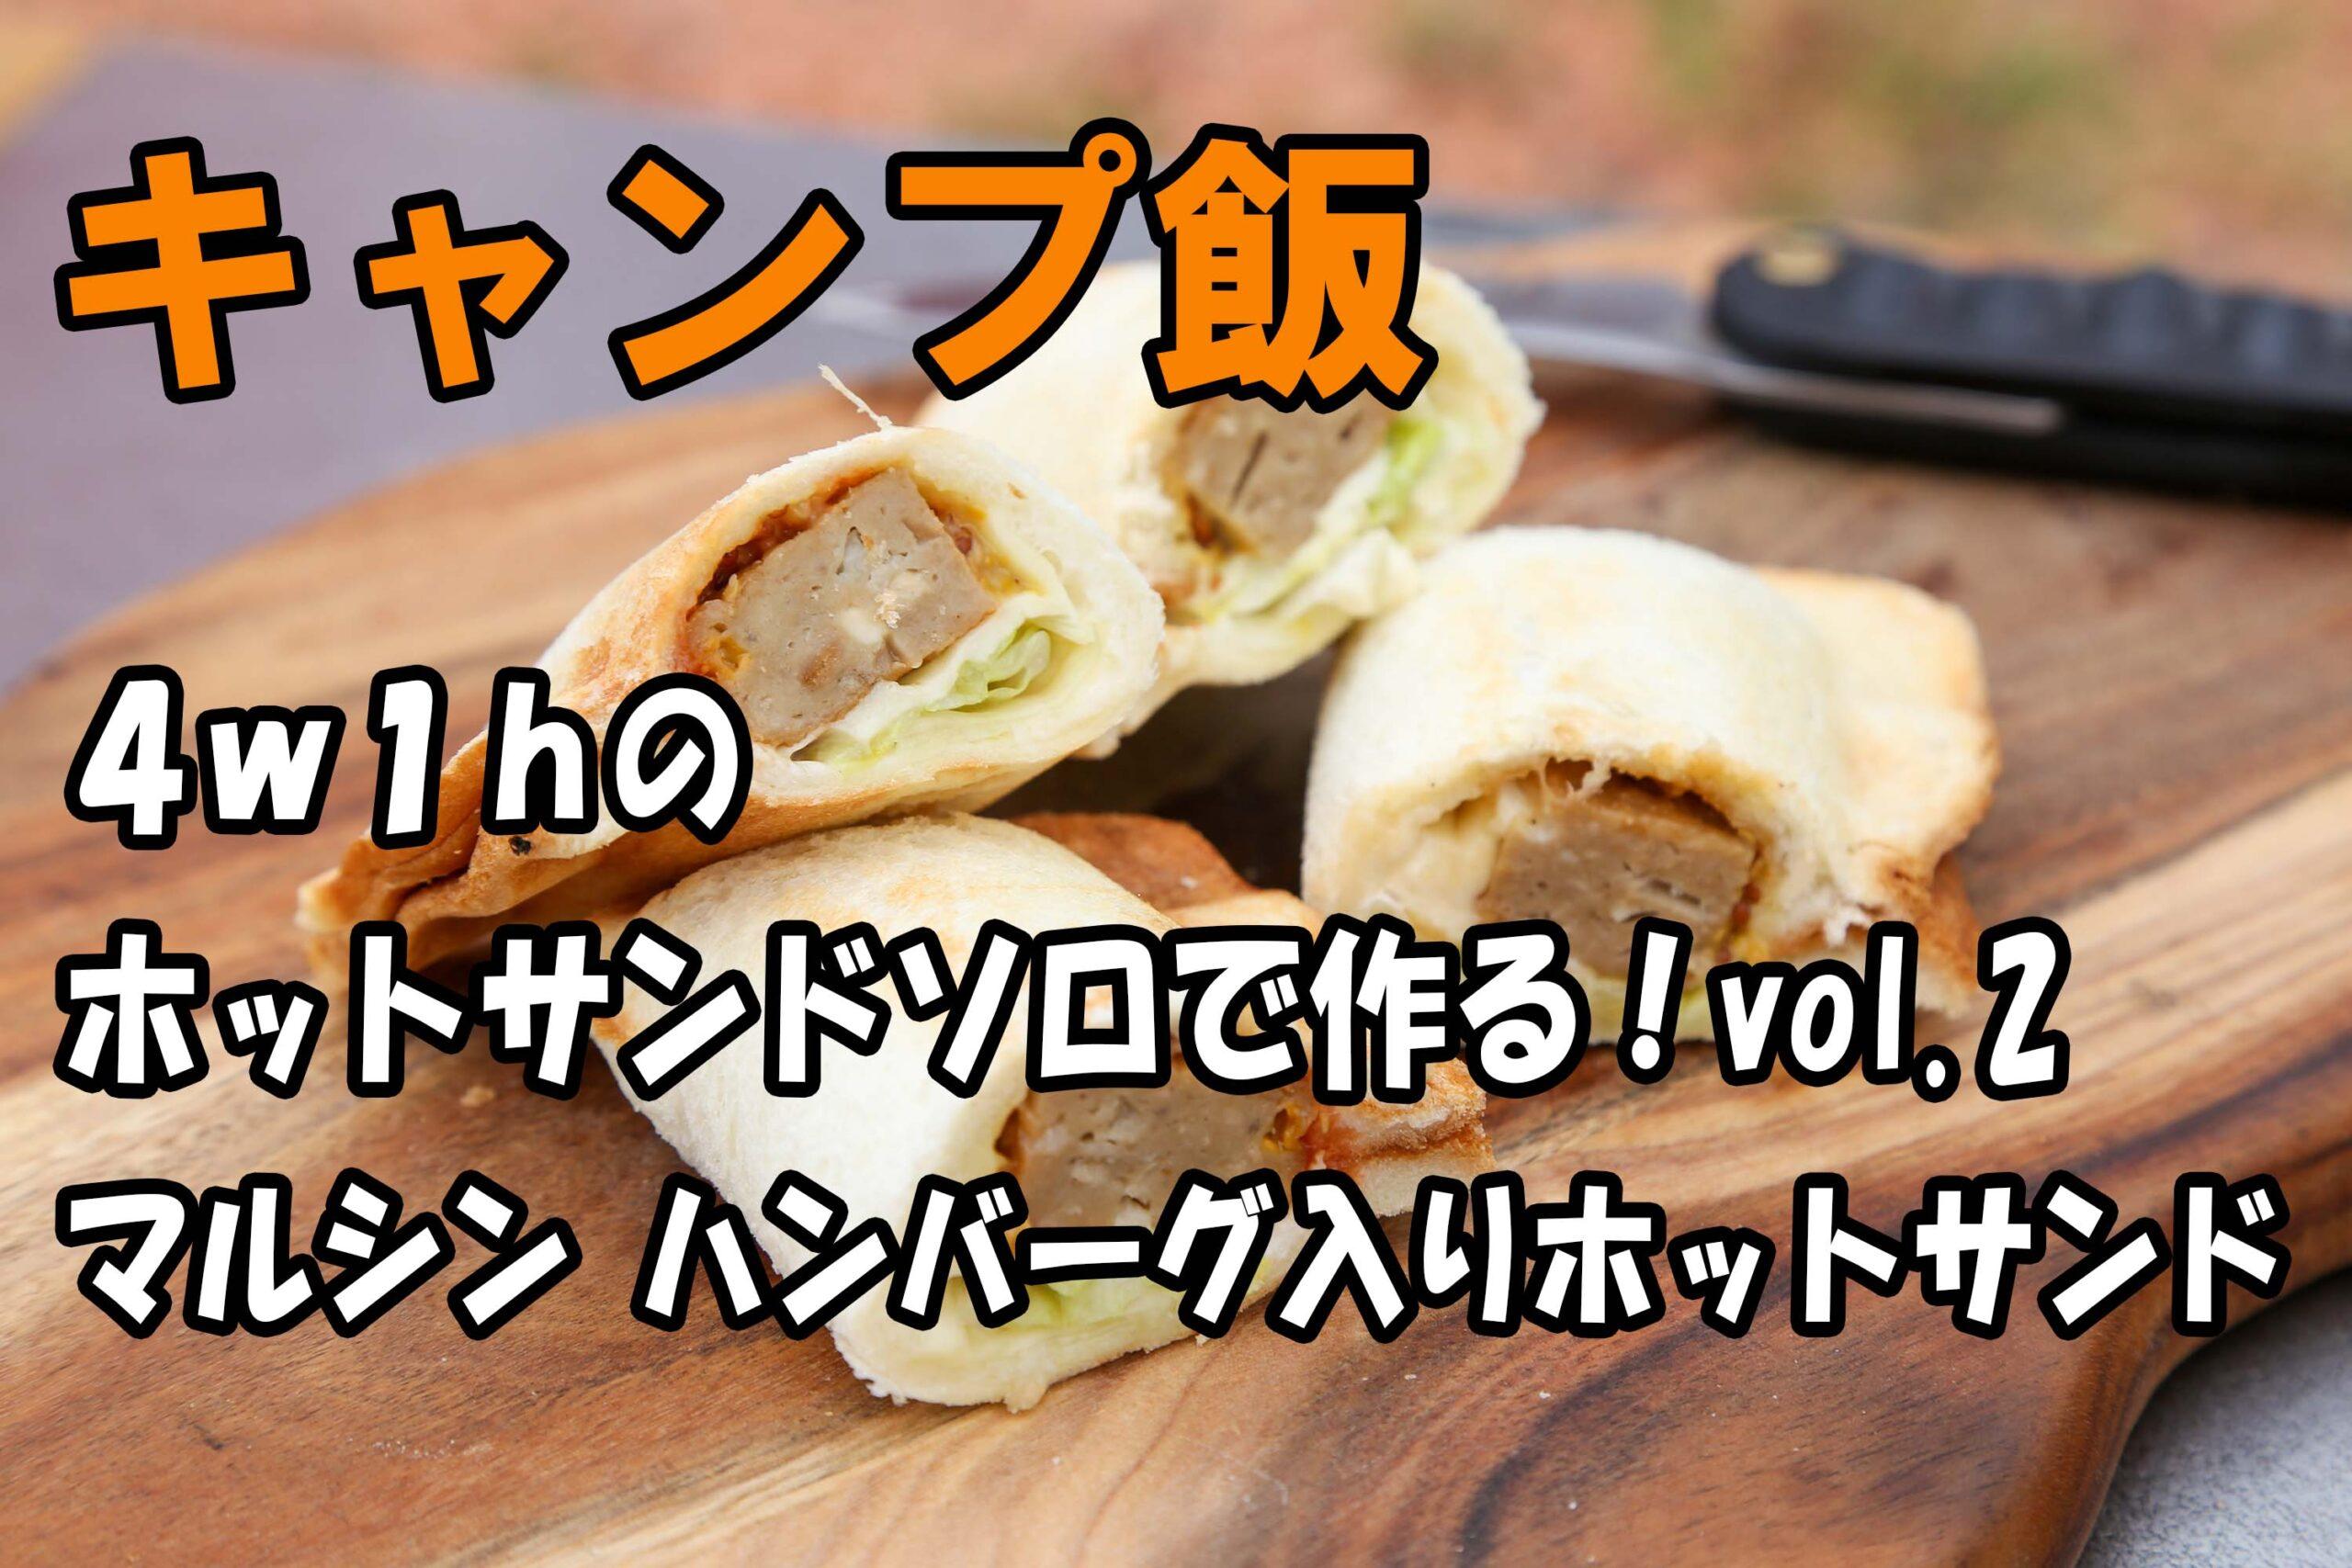 【キャンプ飯】4w1h ホットサンドソロで作る!vol.2 マルシン ハンバーグ入りホットサンド